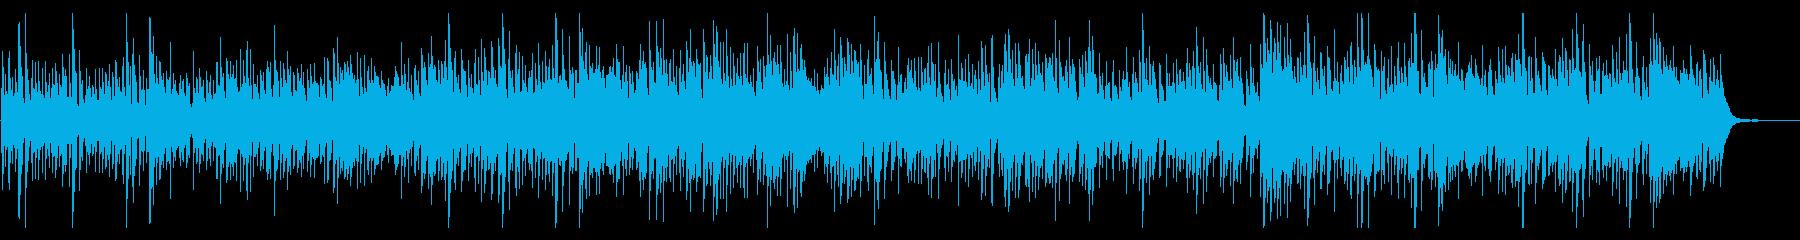 口笛とピアノでかわいいポップオープニングの再生済みの波形